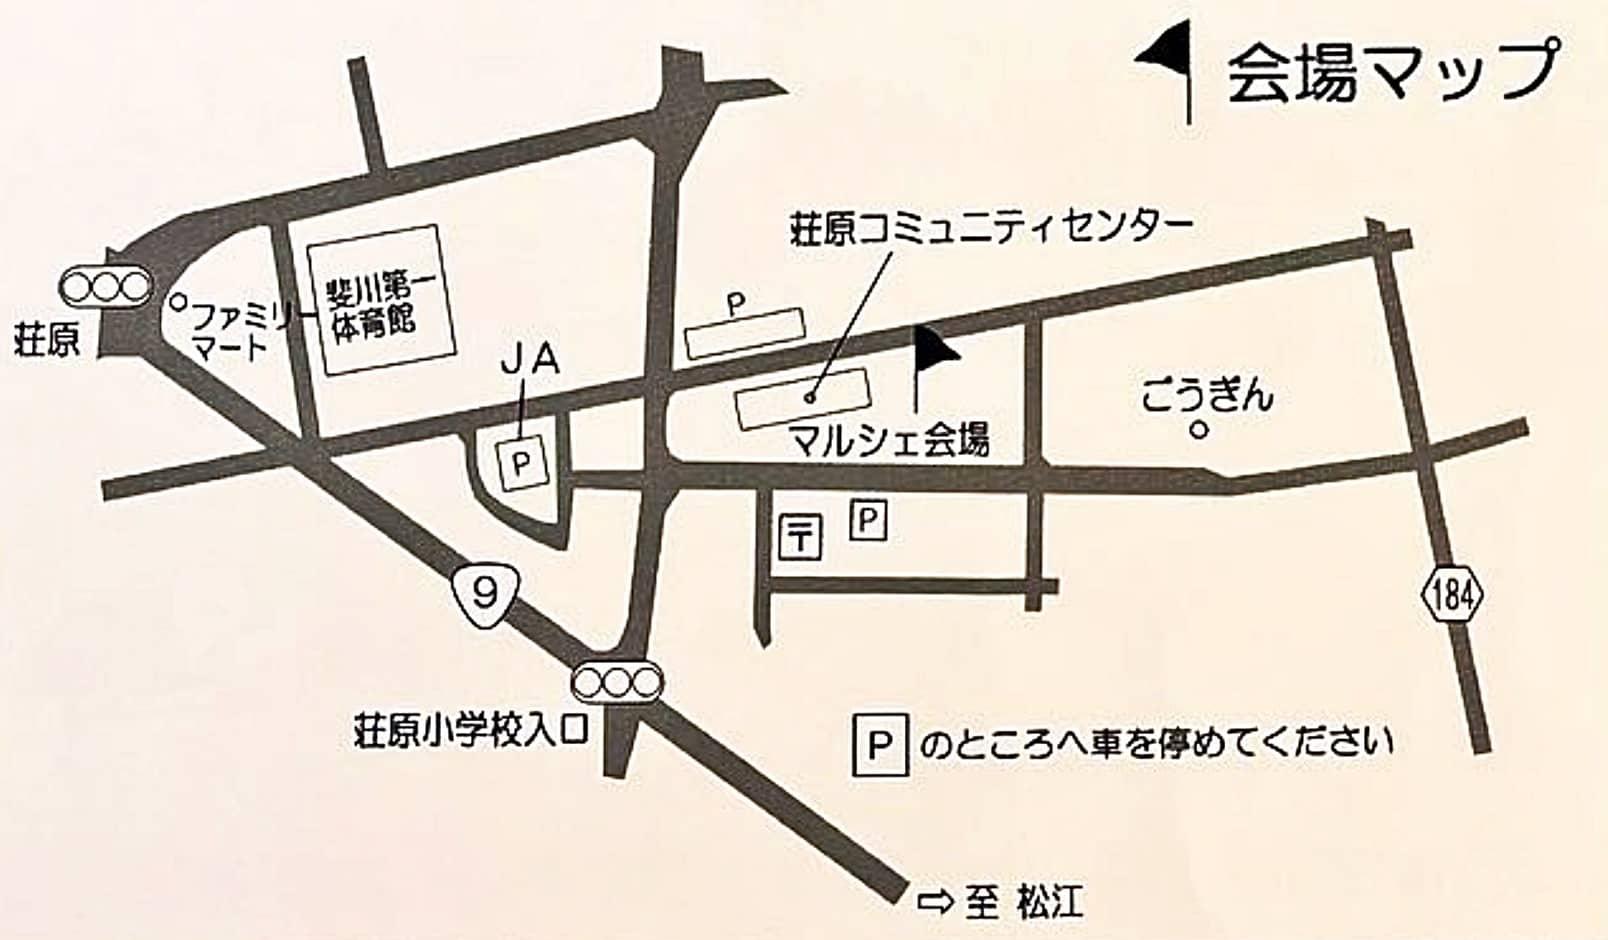 ひかわキレイマルシェ2021 会場マップ